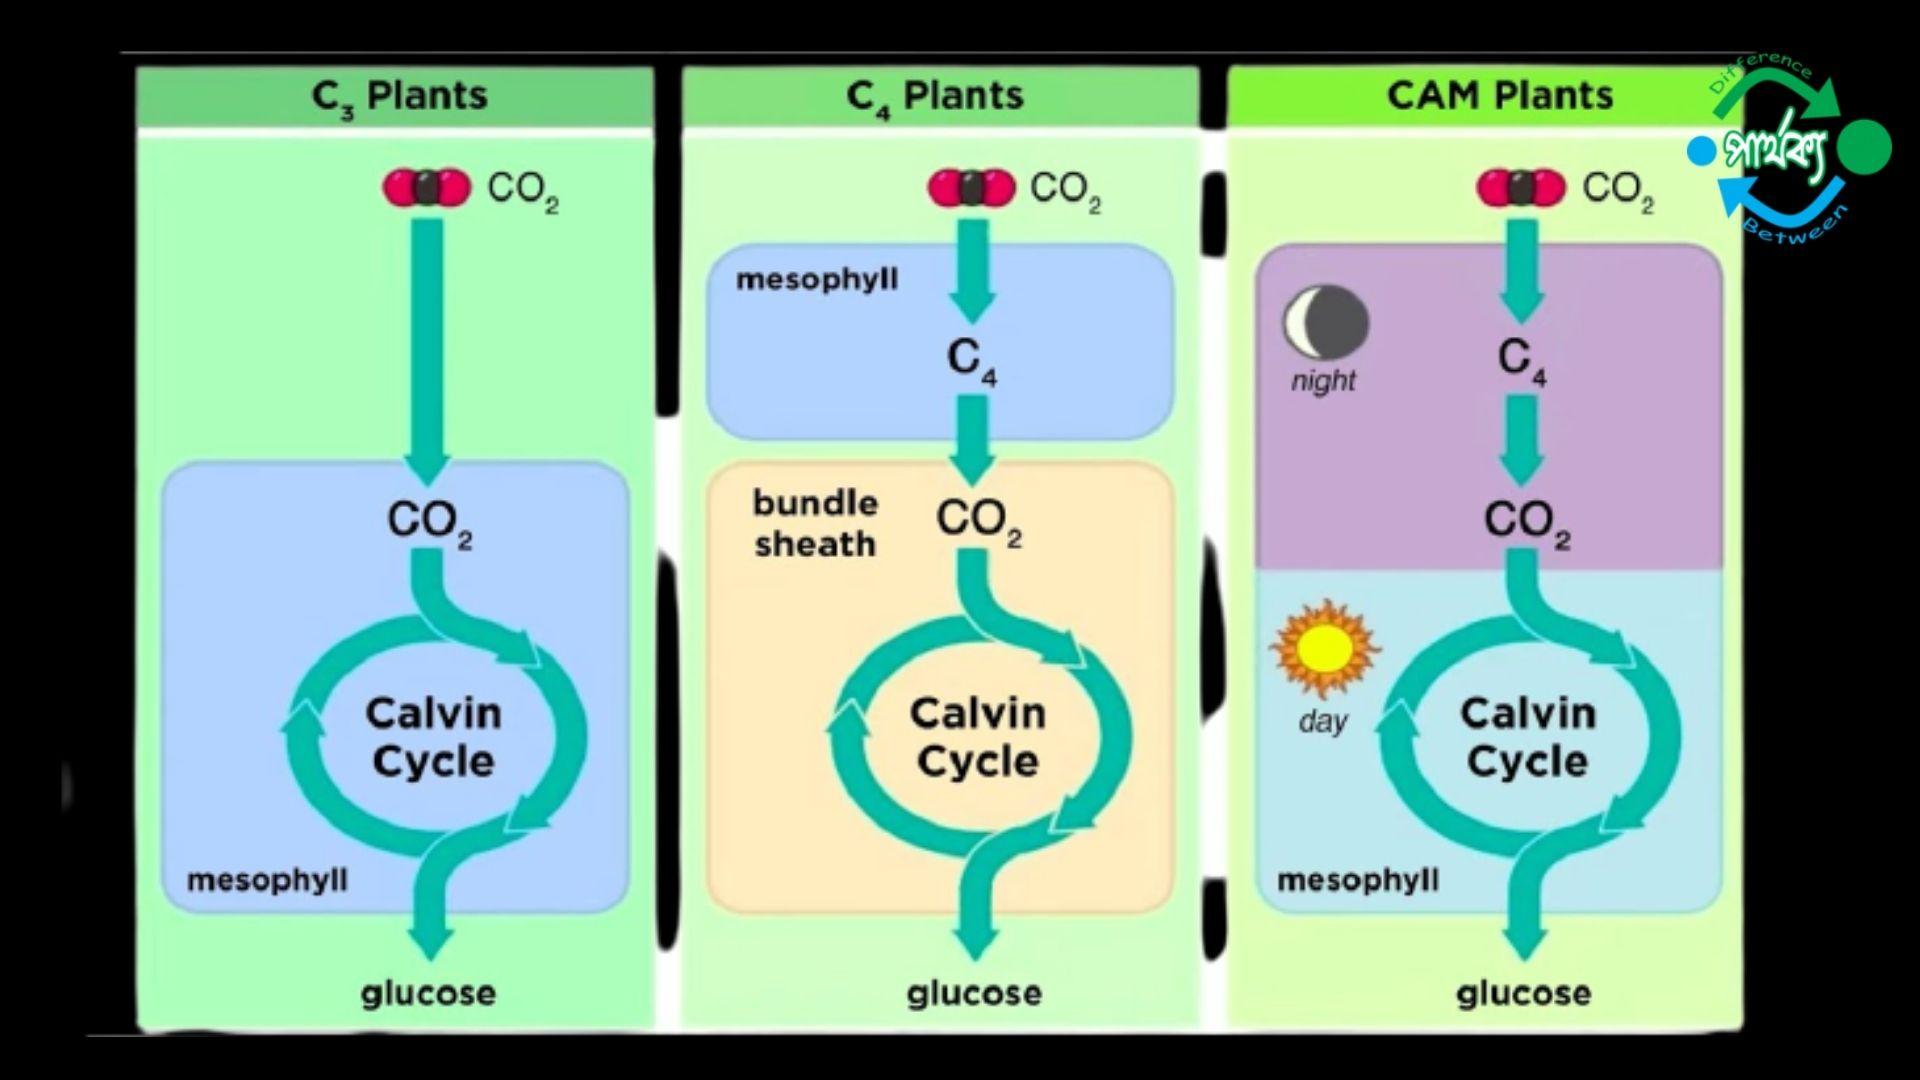 C3 উদ্ভিদ ও C4 উদ্ভিদের মধ্যে পার্থক্য